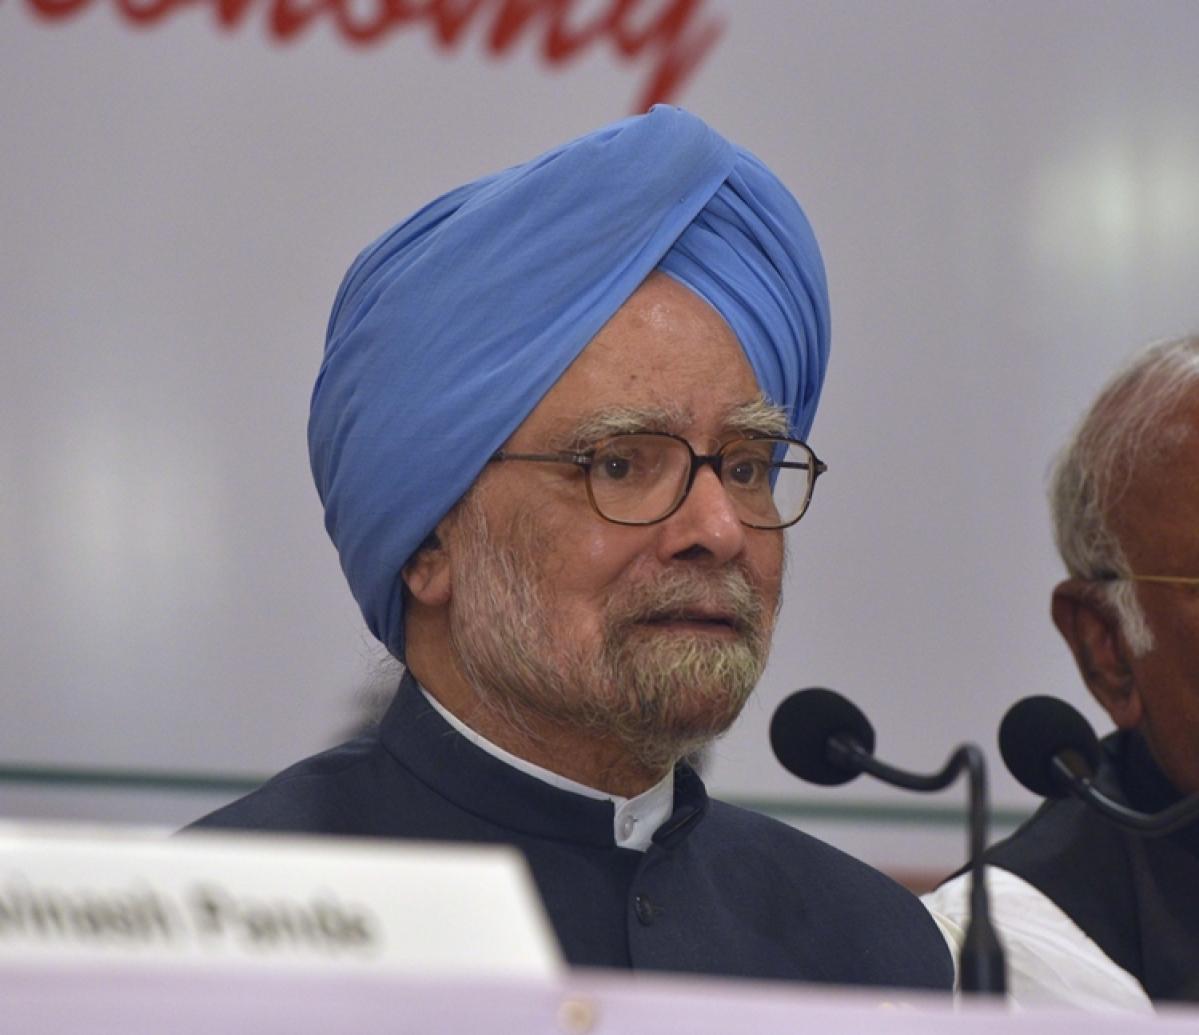 Manmohan Singh responds to Nirmala Sitharaman, says 'Correct diagnosis needed to fix economy'